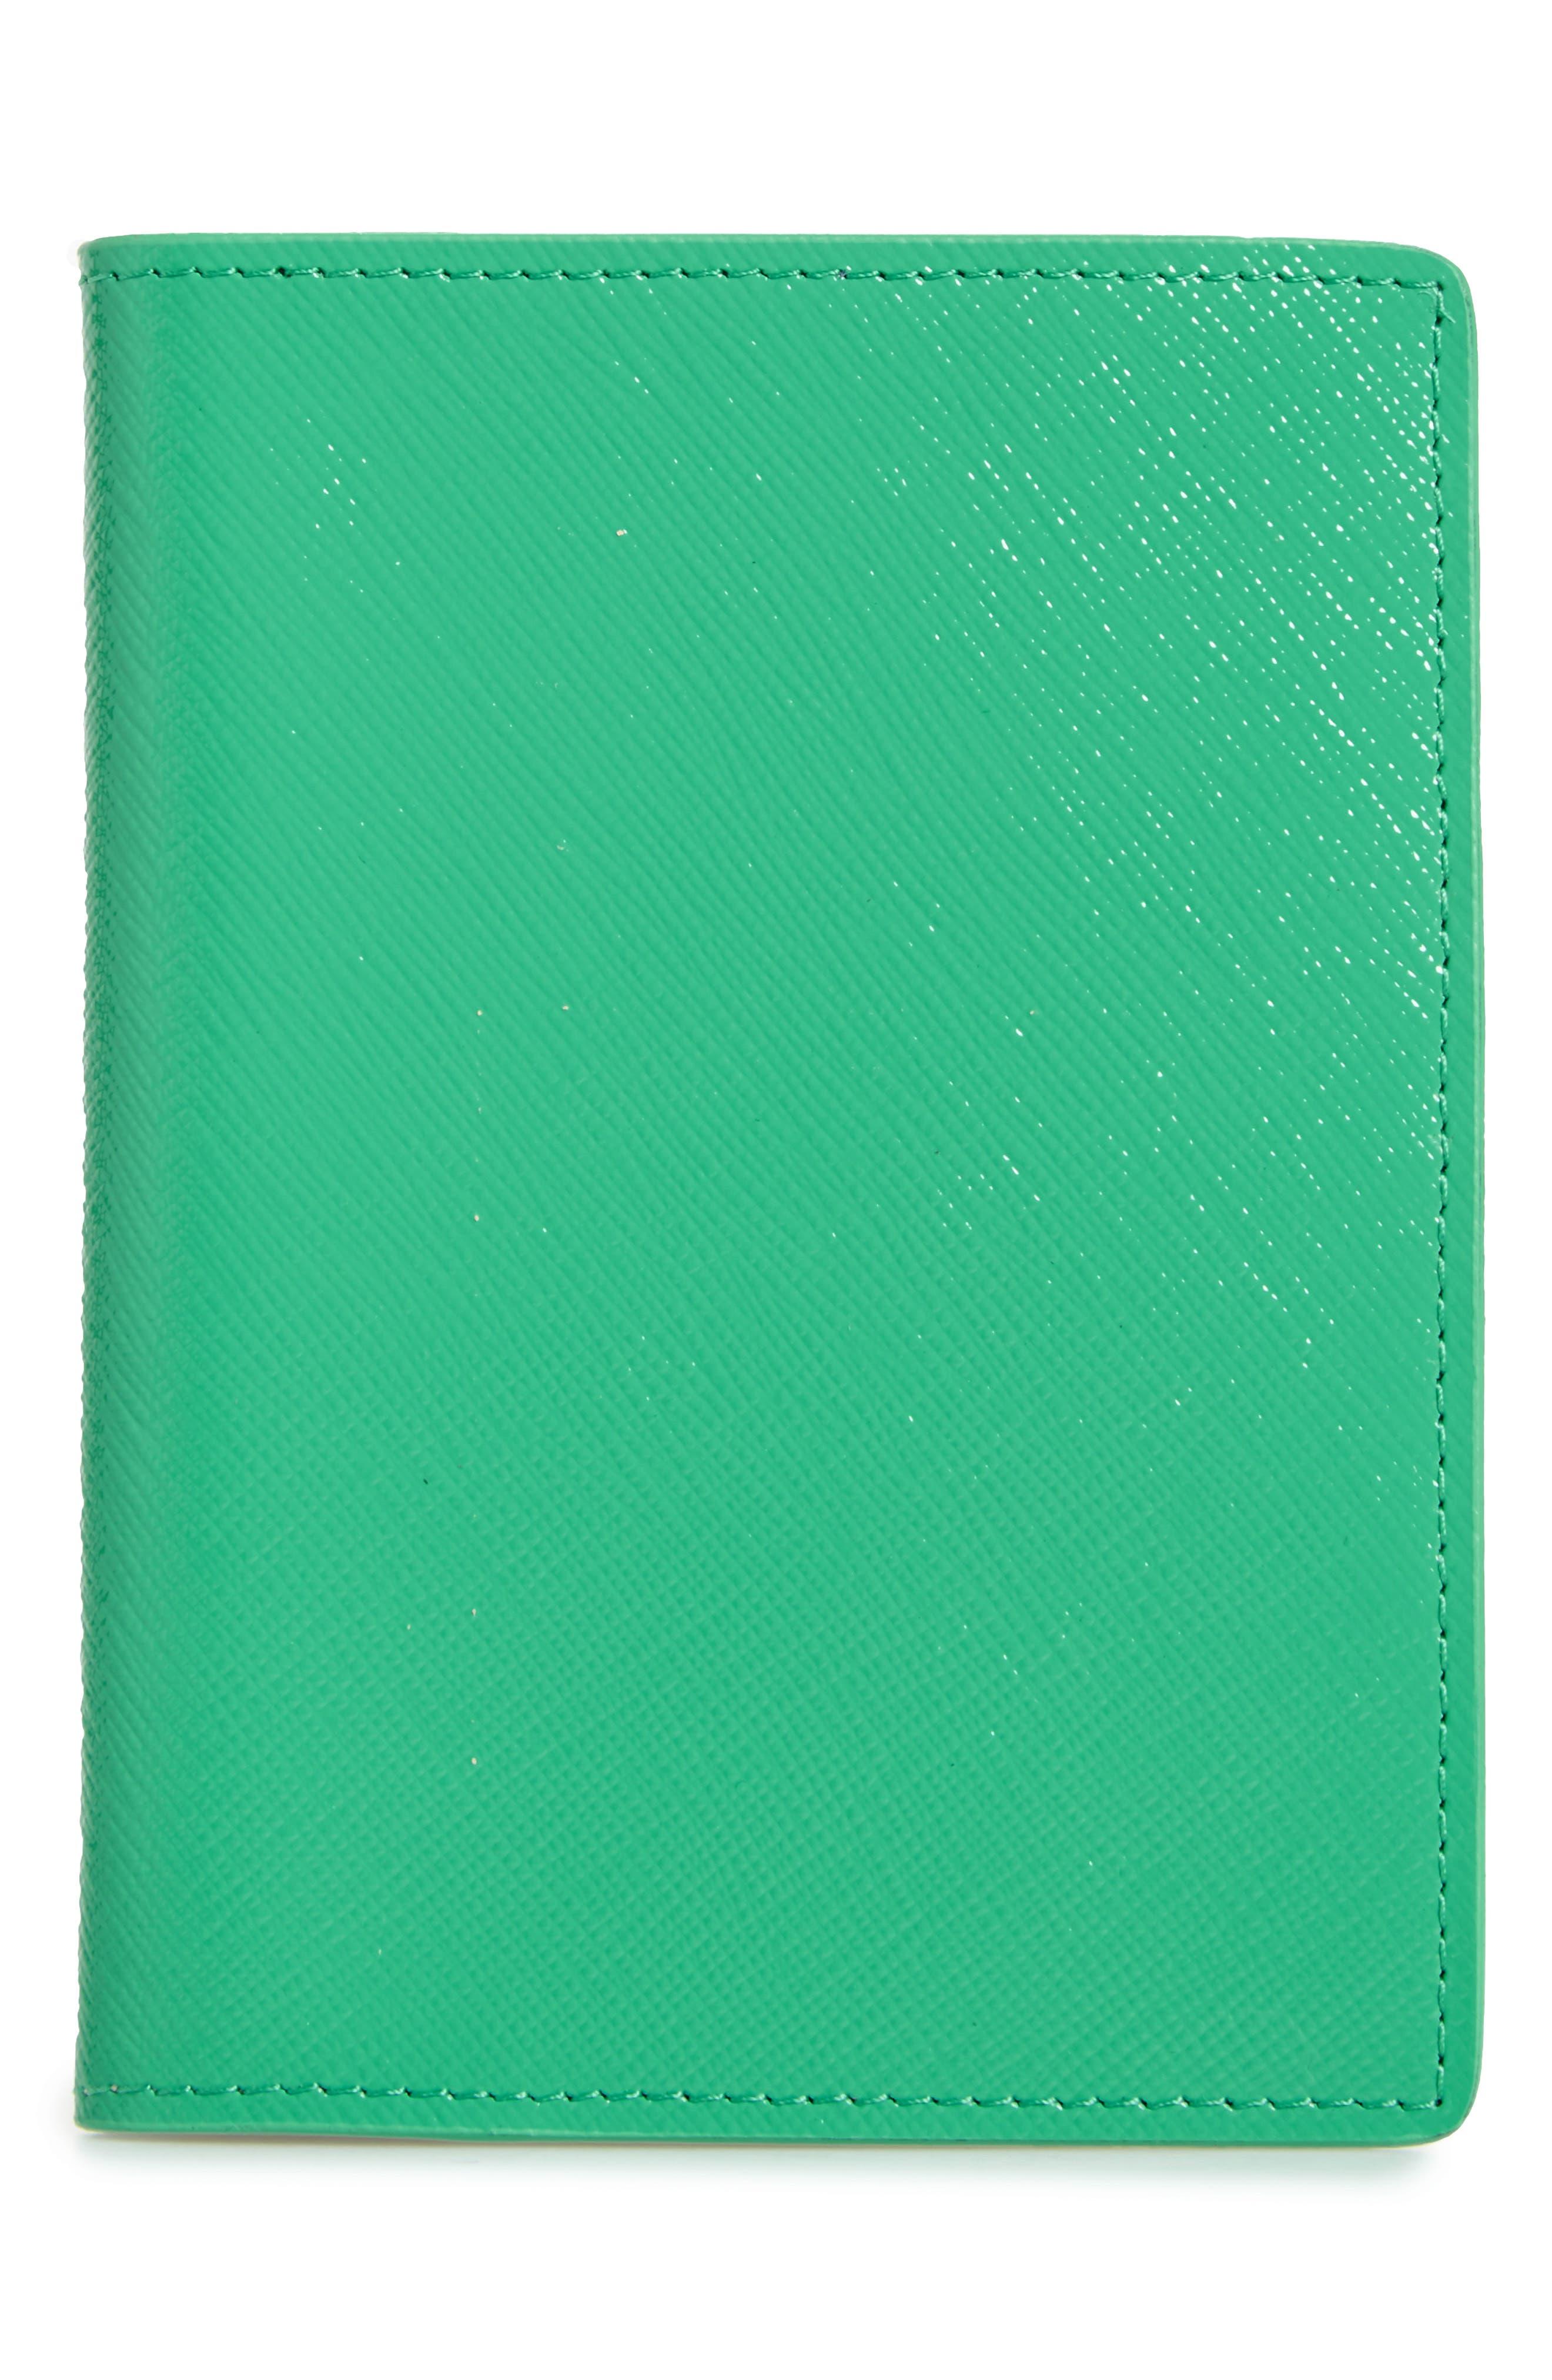 Leather Passport Case,                             Main thumbnail 3, color,